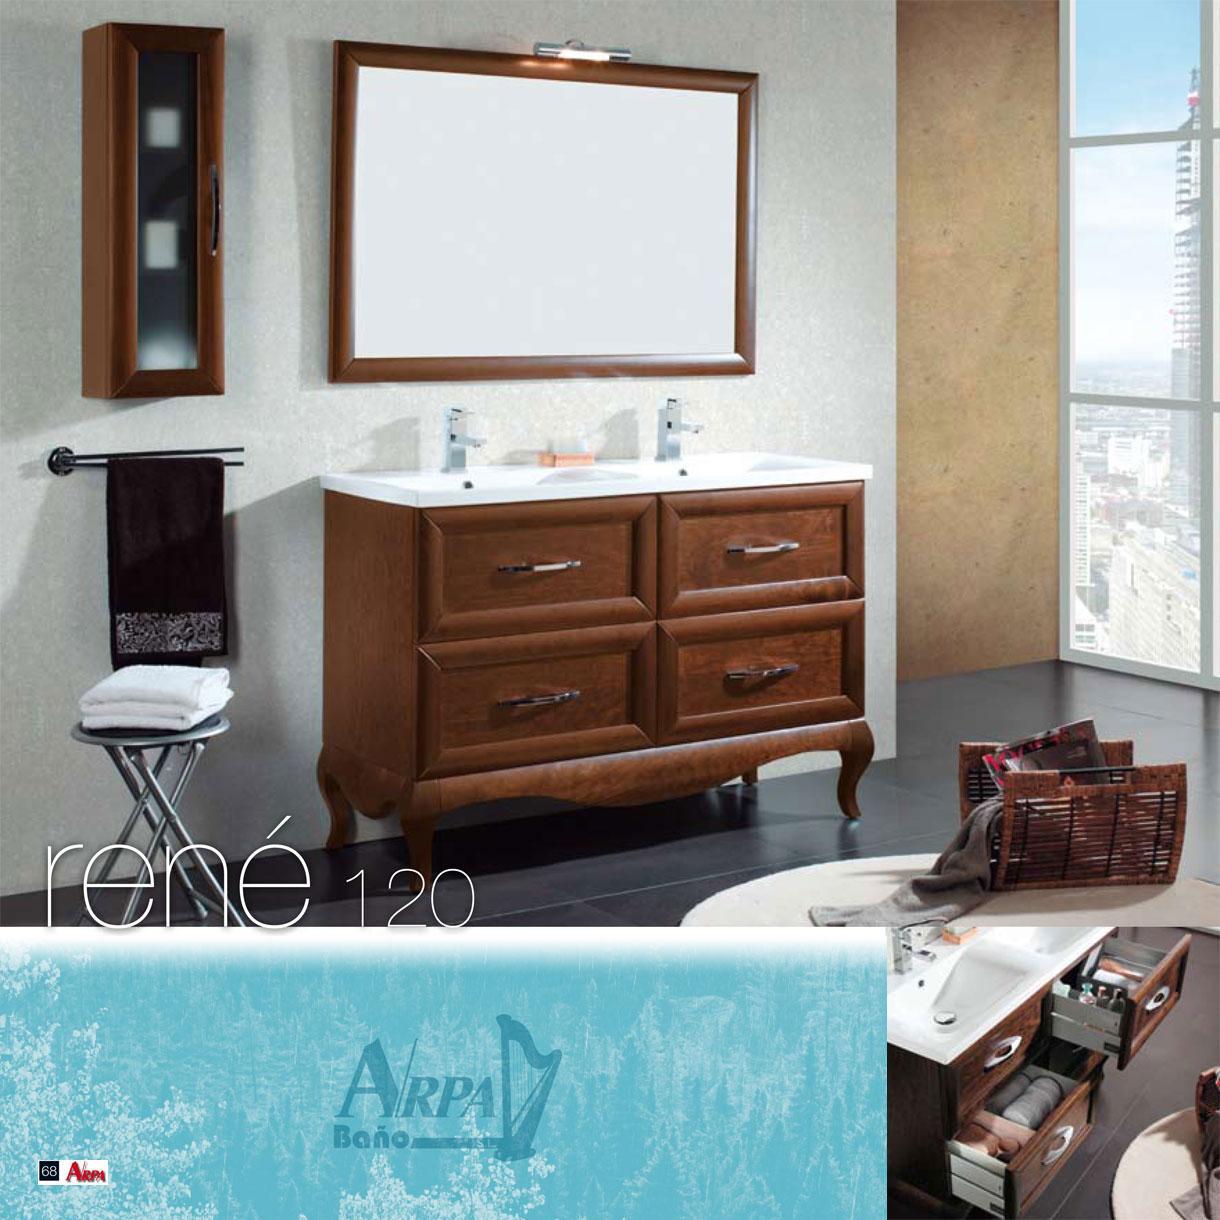 Fabricante Muebles de Baño Arpa Baño S.L.